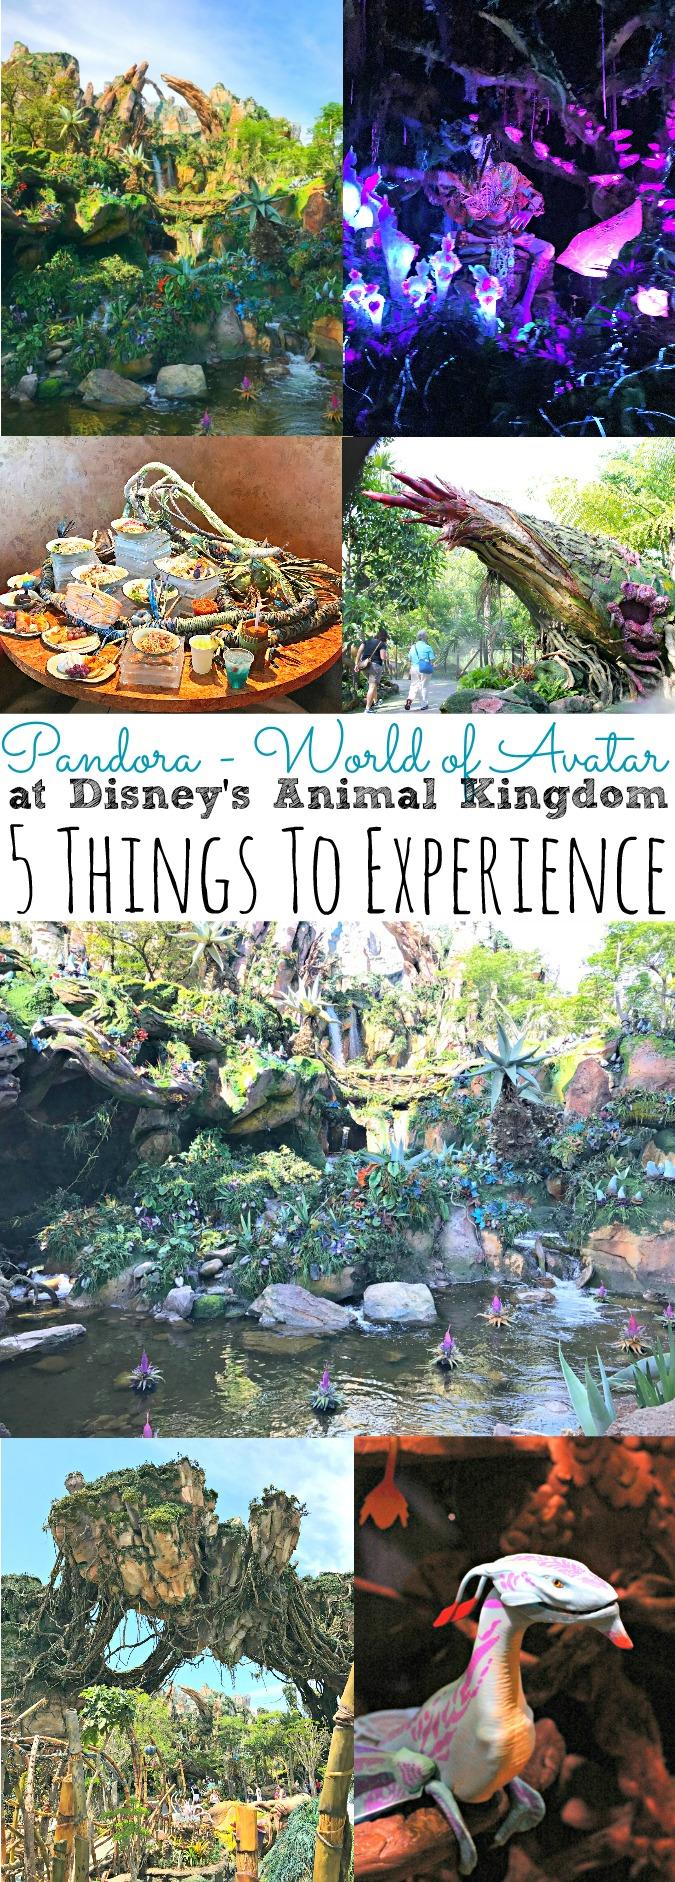 Pandora - World of Avatar at Disney's Animal Kingdom | 5 Things To Experience - simplytodaylife.com